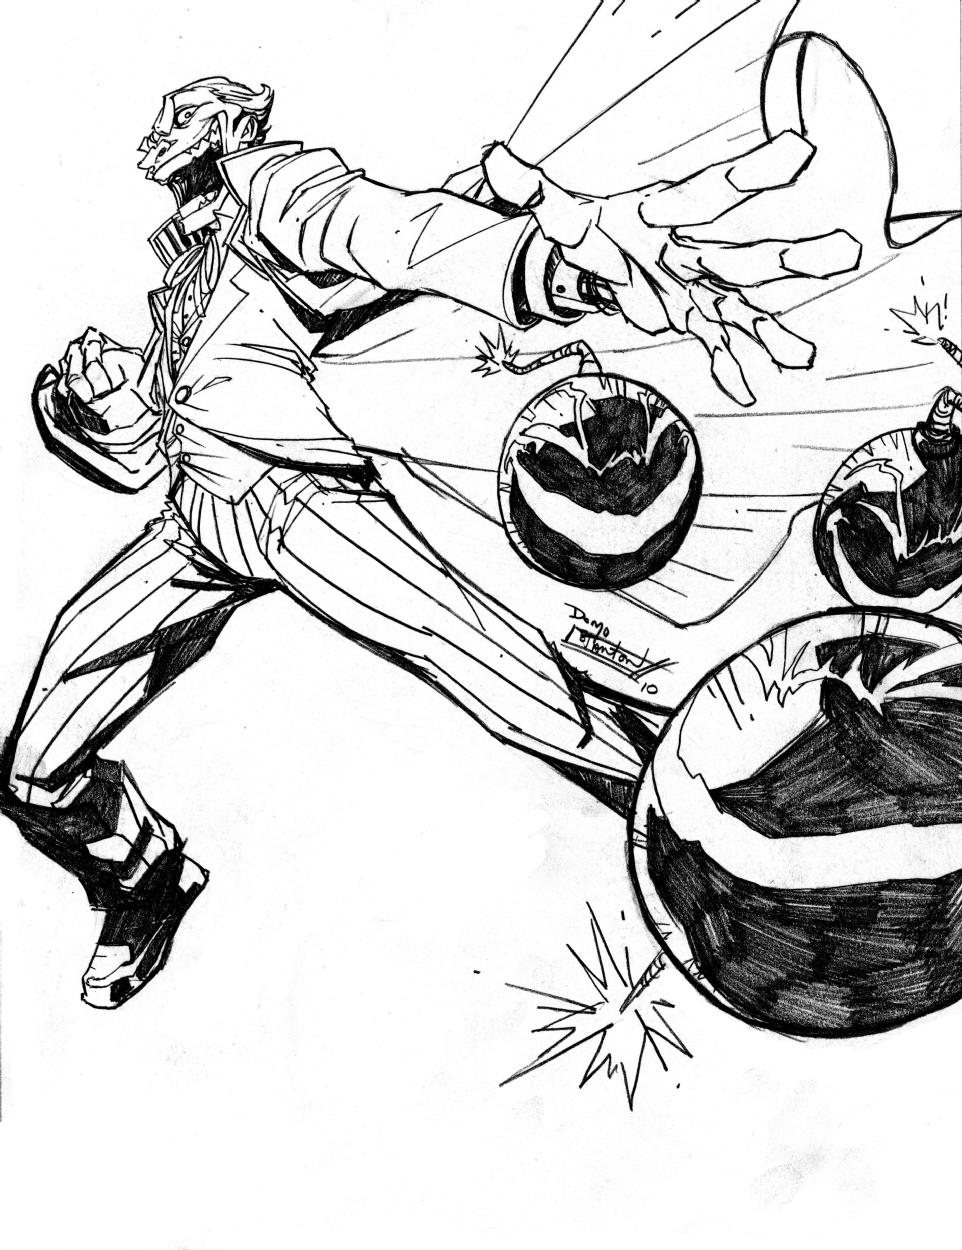 962x1250 Joker, In The Batfan's Joker Pieces Comic Art Gallery Room